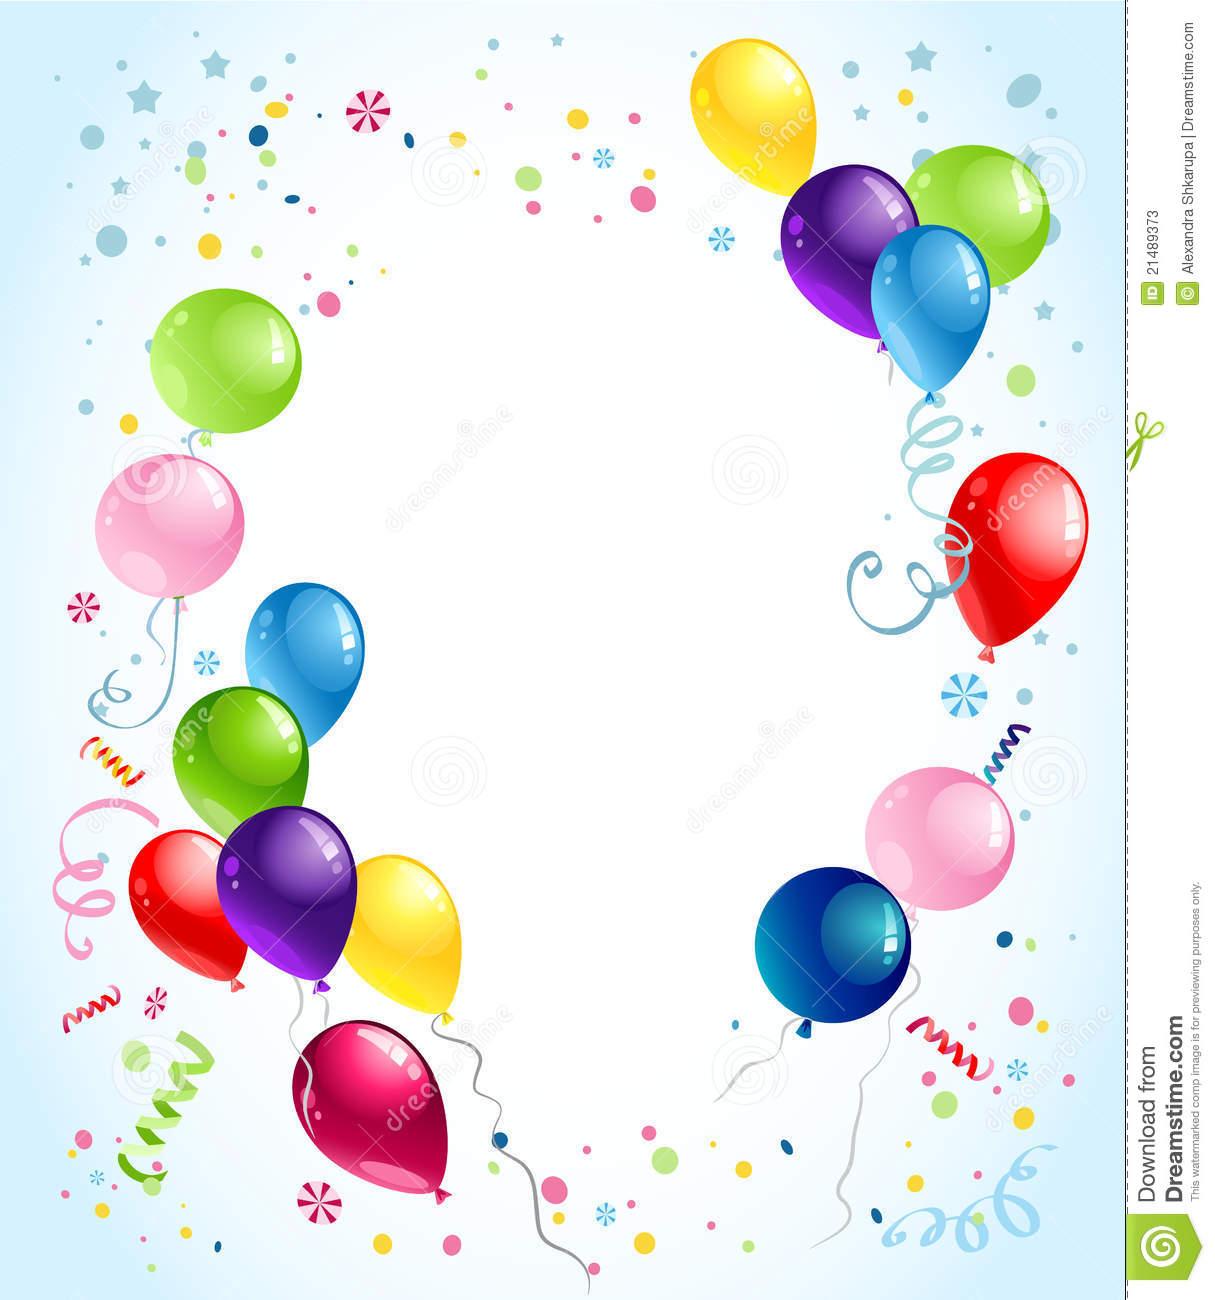 1215x1300 Balloon clipart backdrop